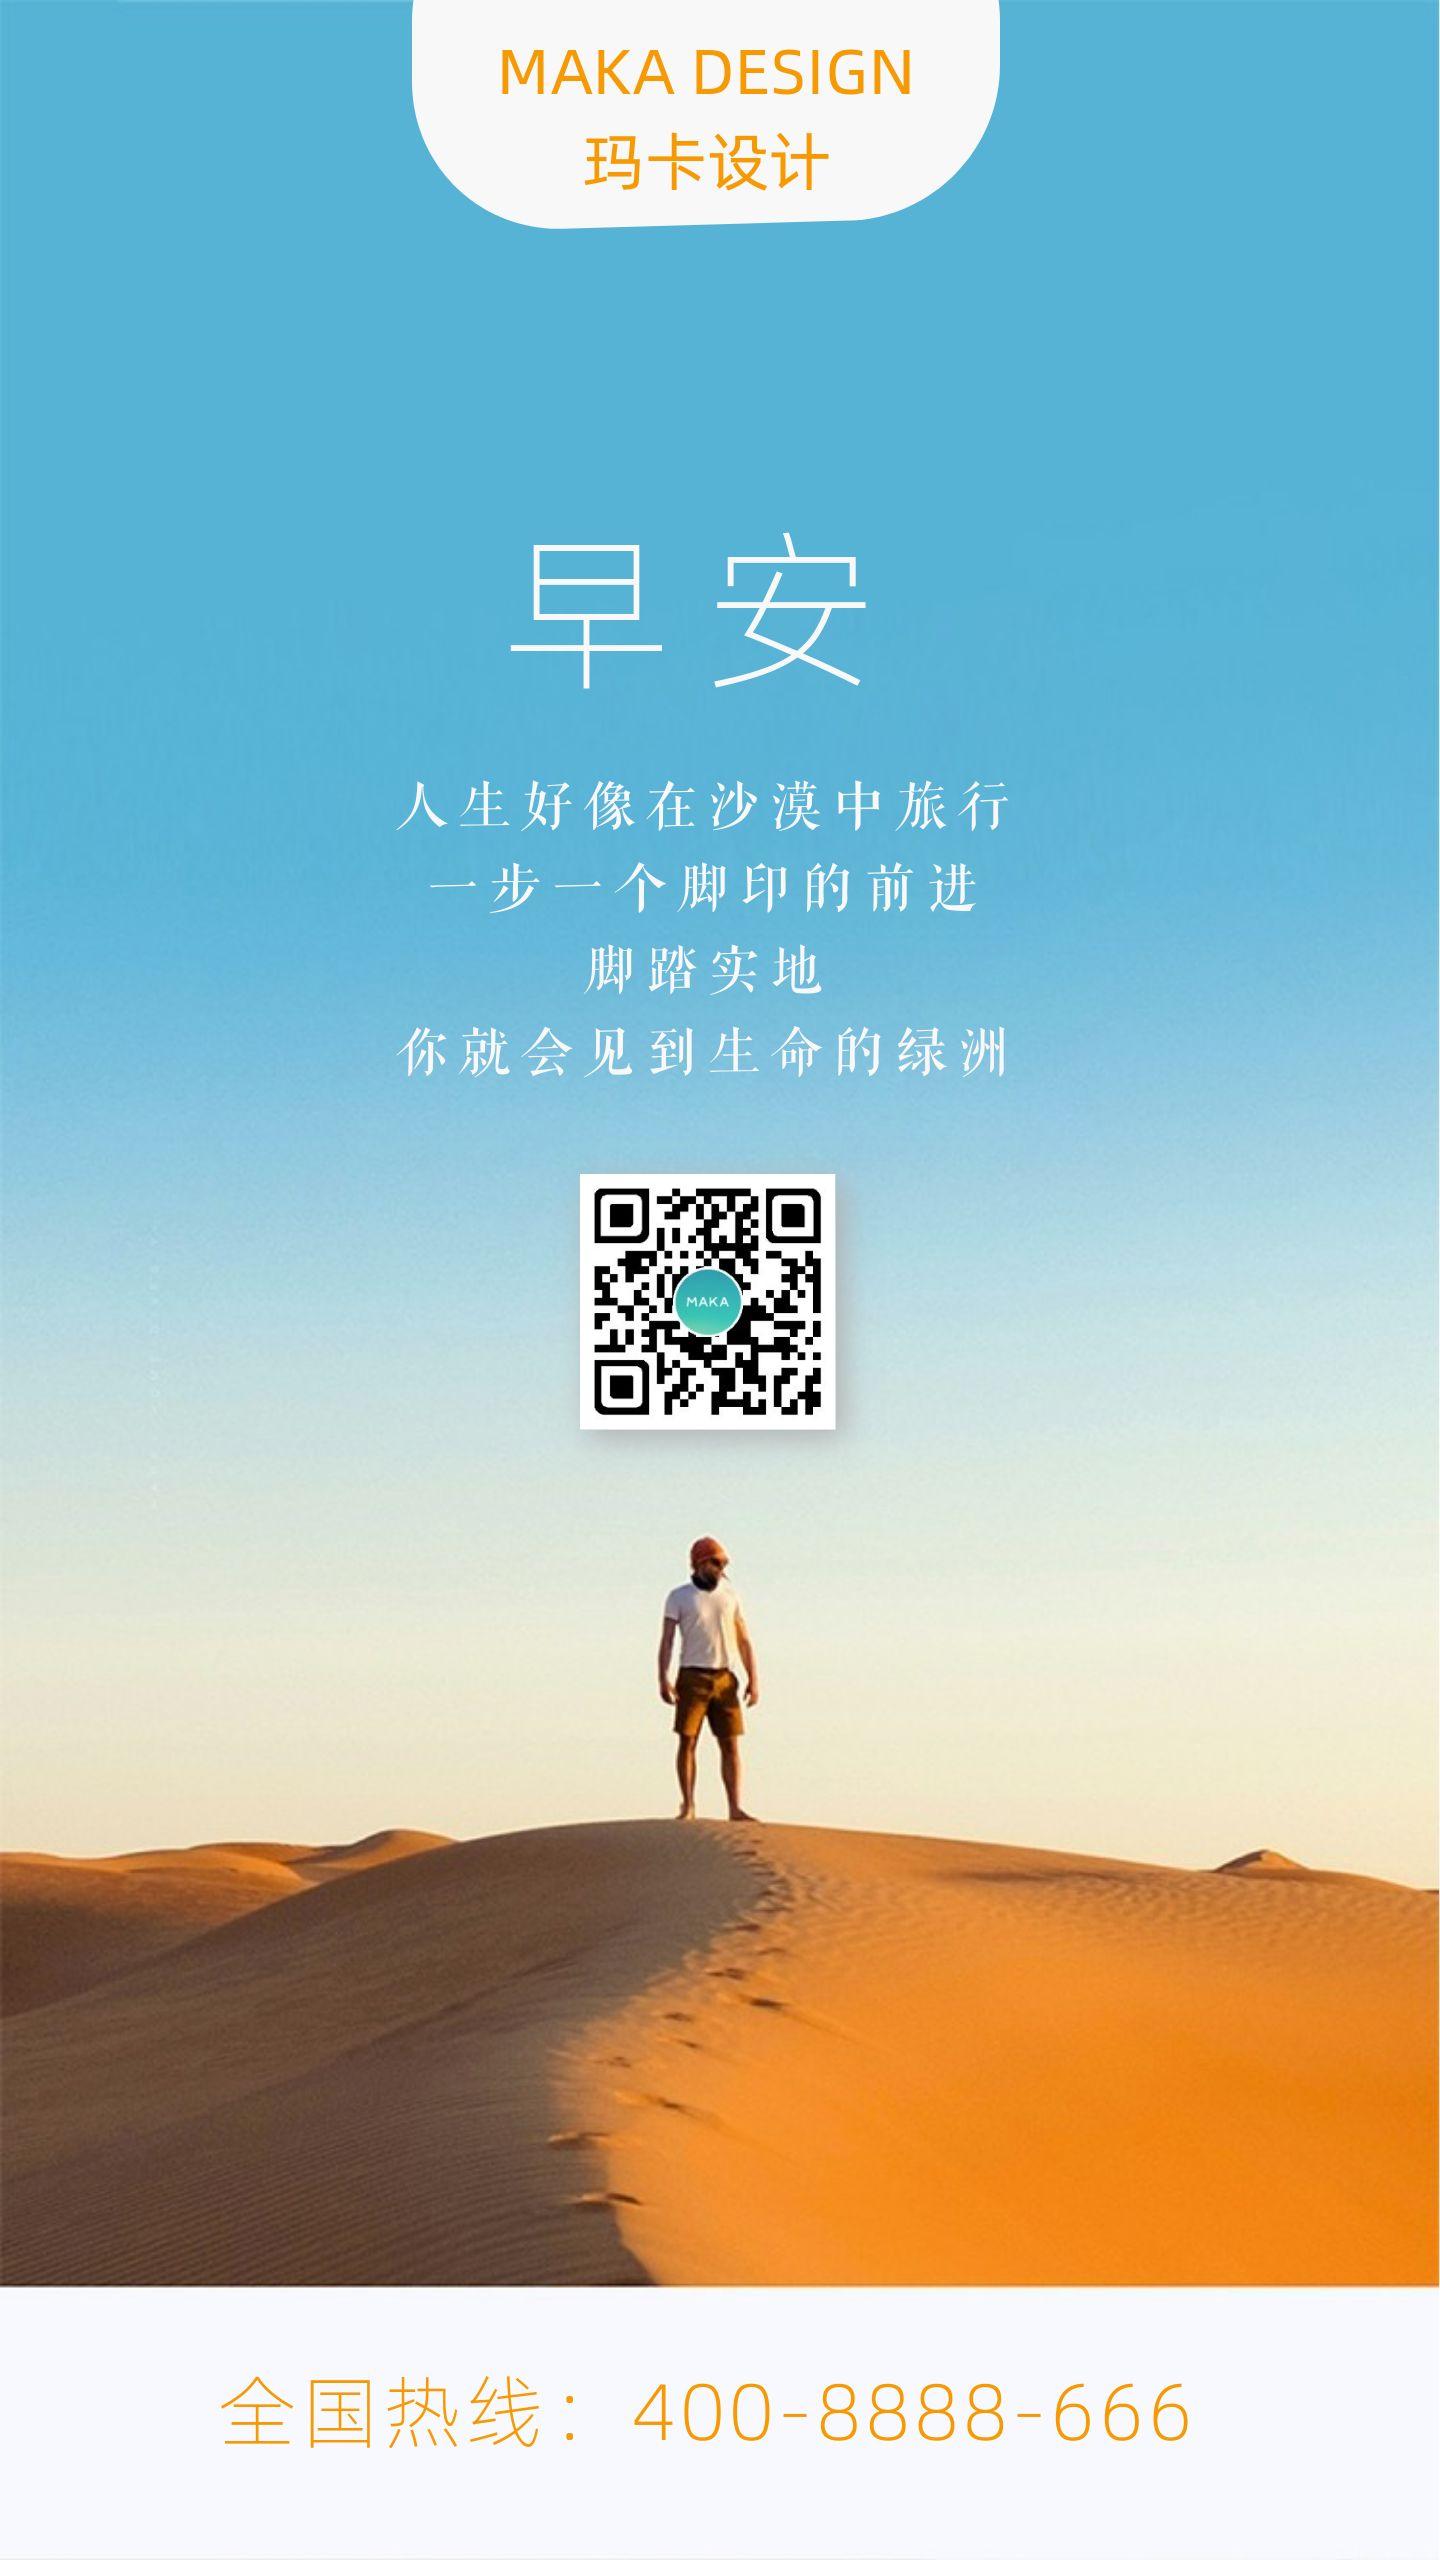 简约文艺小清新励志早安系宣传海报